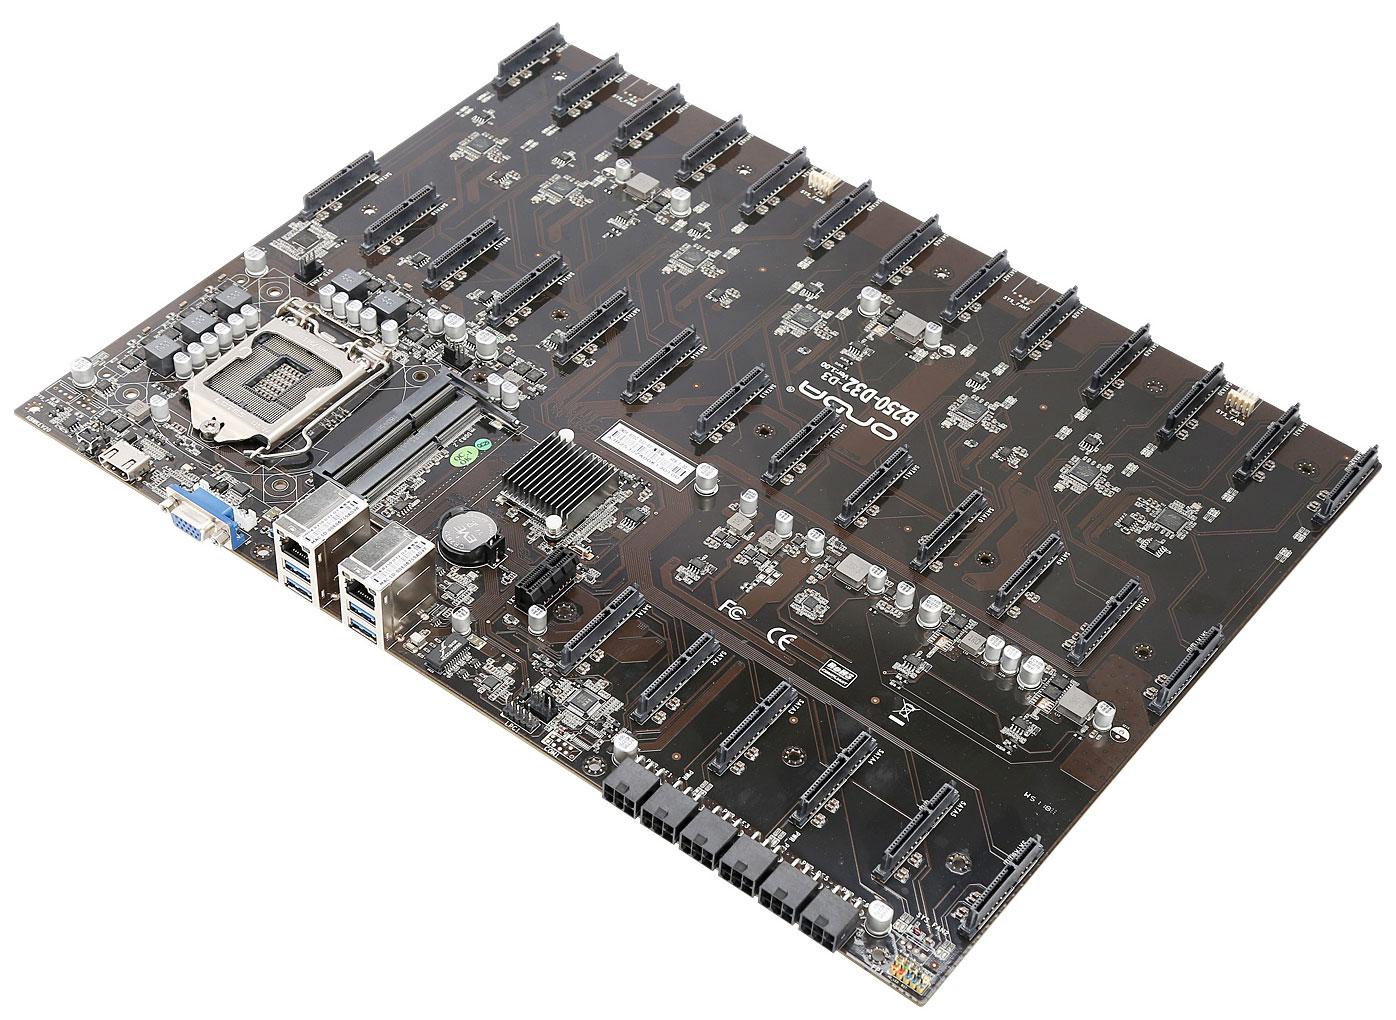 Image 2 : Une monstrueuse carte mère avec 32 ports SATA !